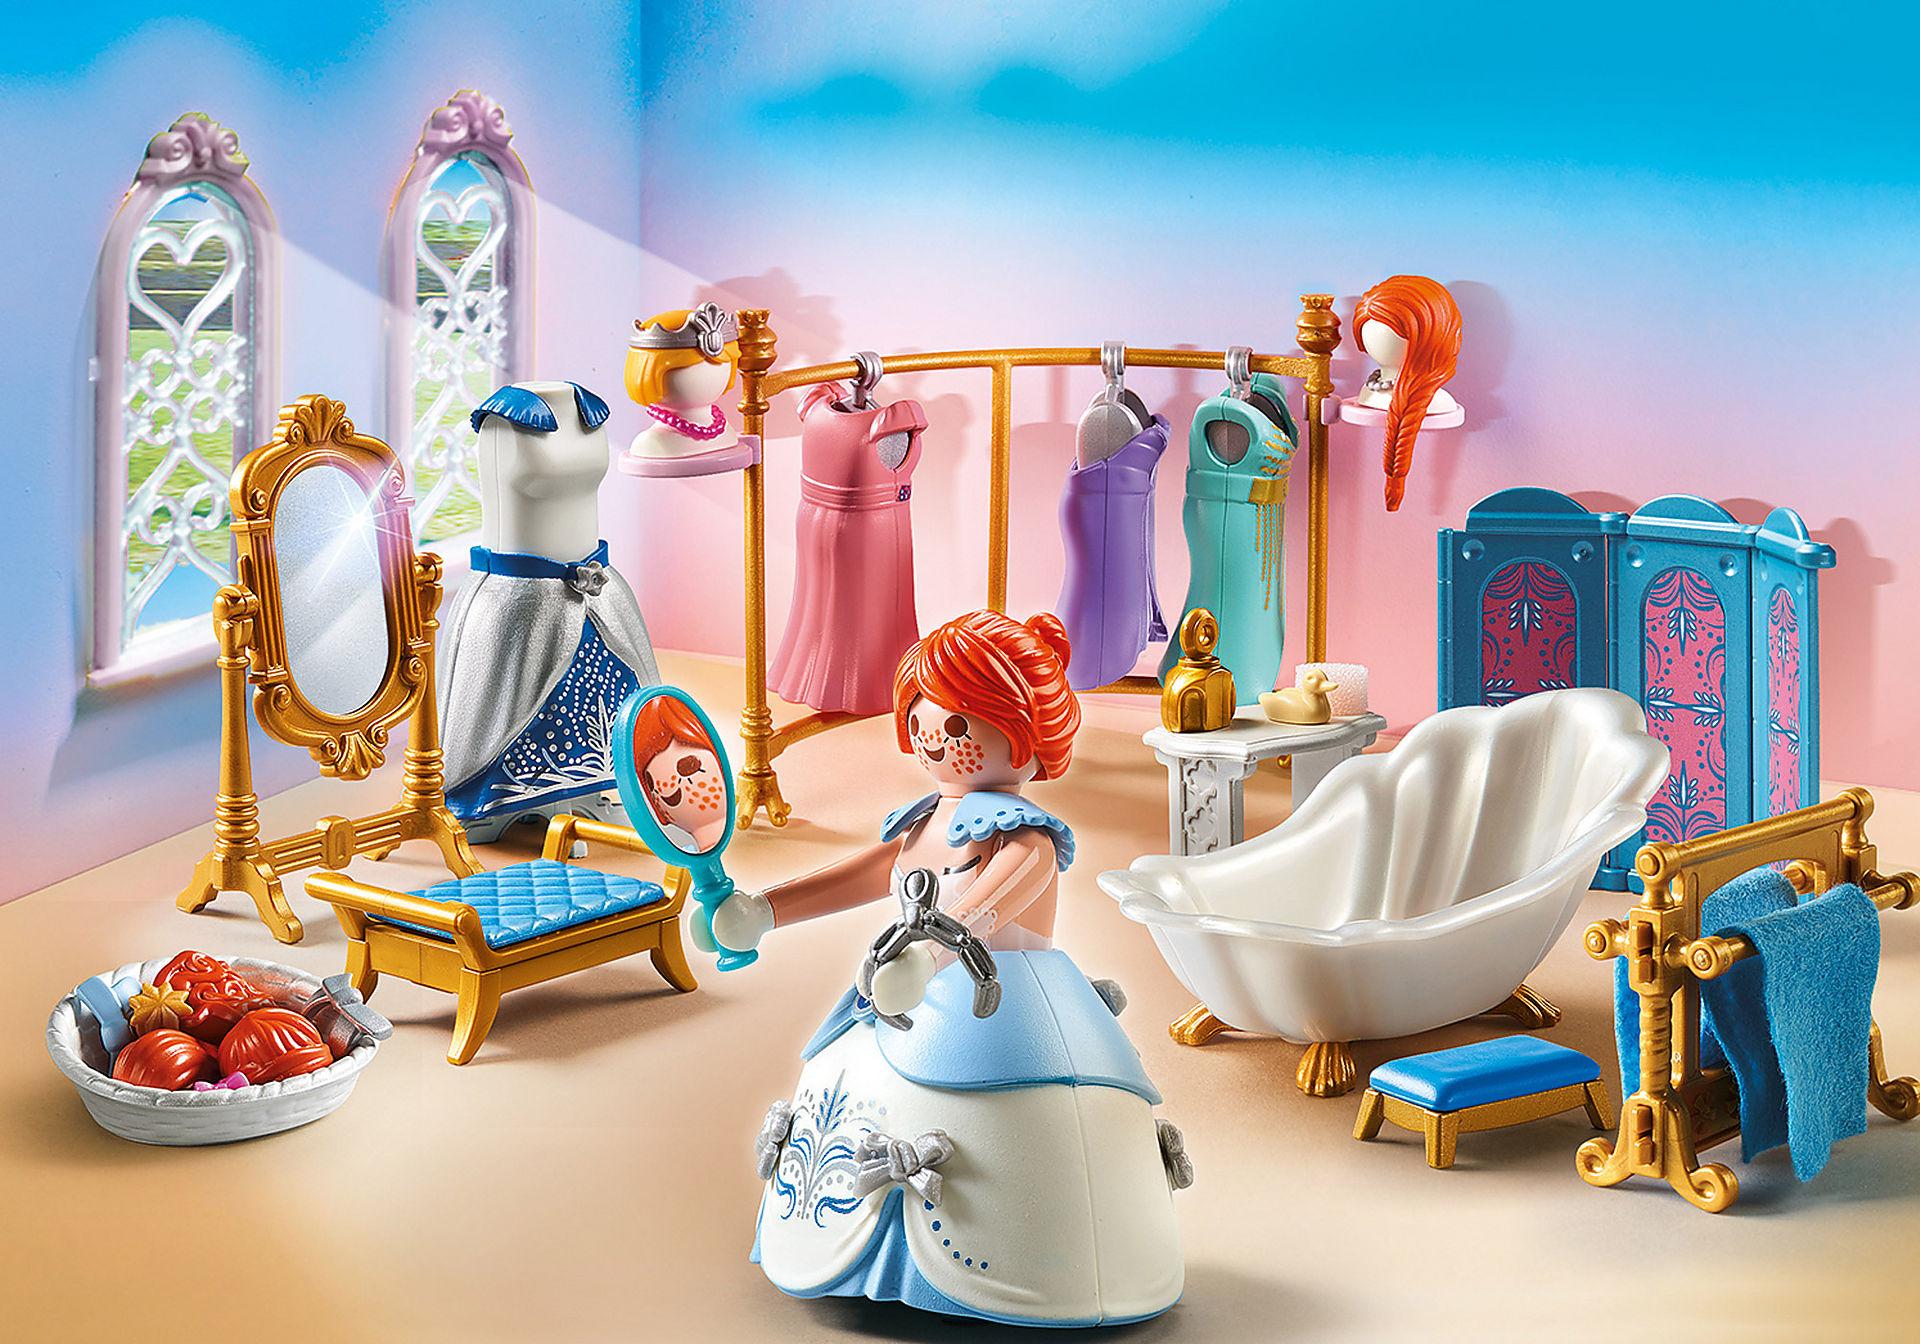 70454 Salle de bain royale avec dressing zoom image1